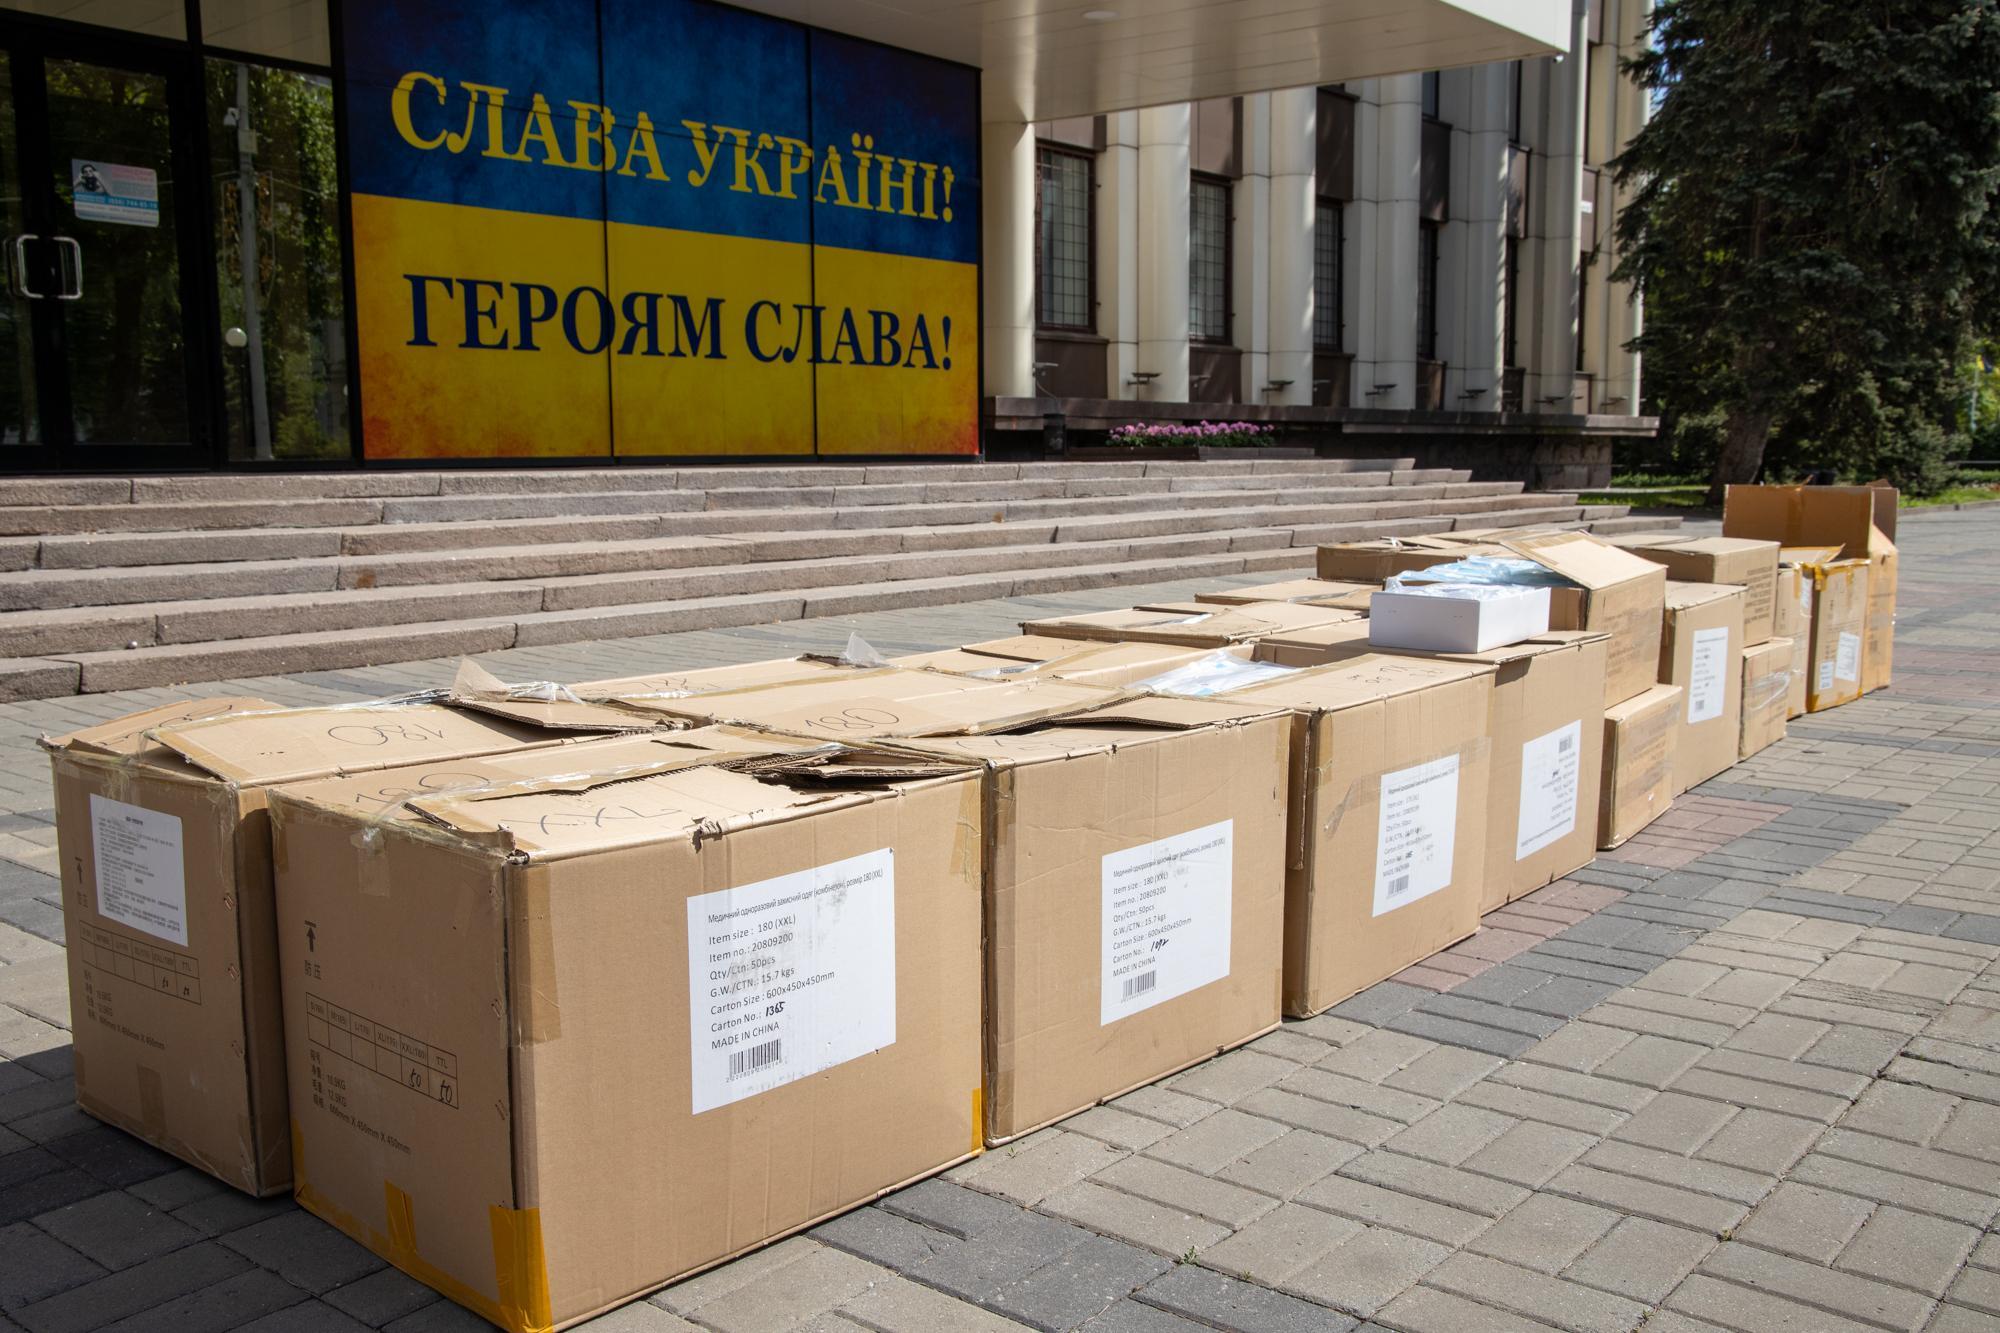 Днепропетровщина получила еще одну партию средств индивидуальной защиты для медиков. Новости Днепра